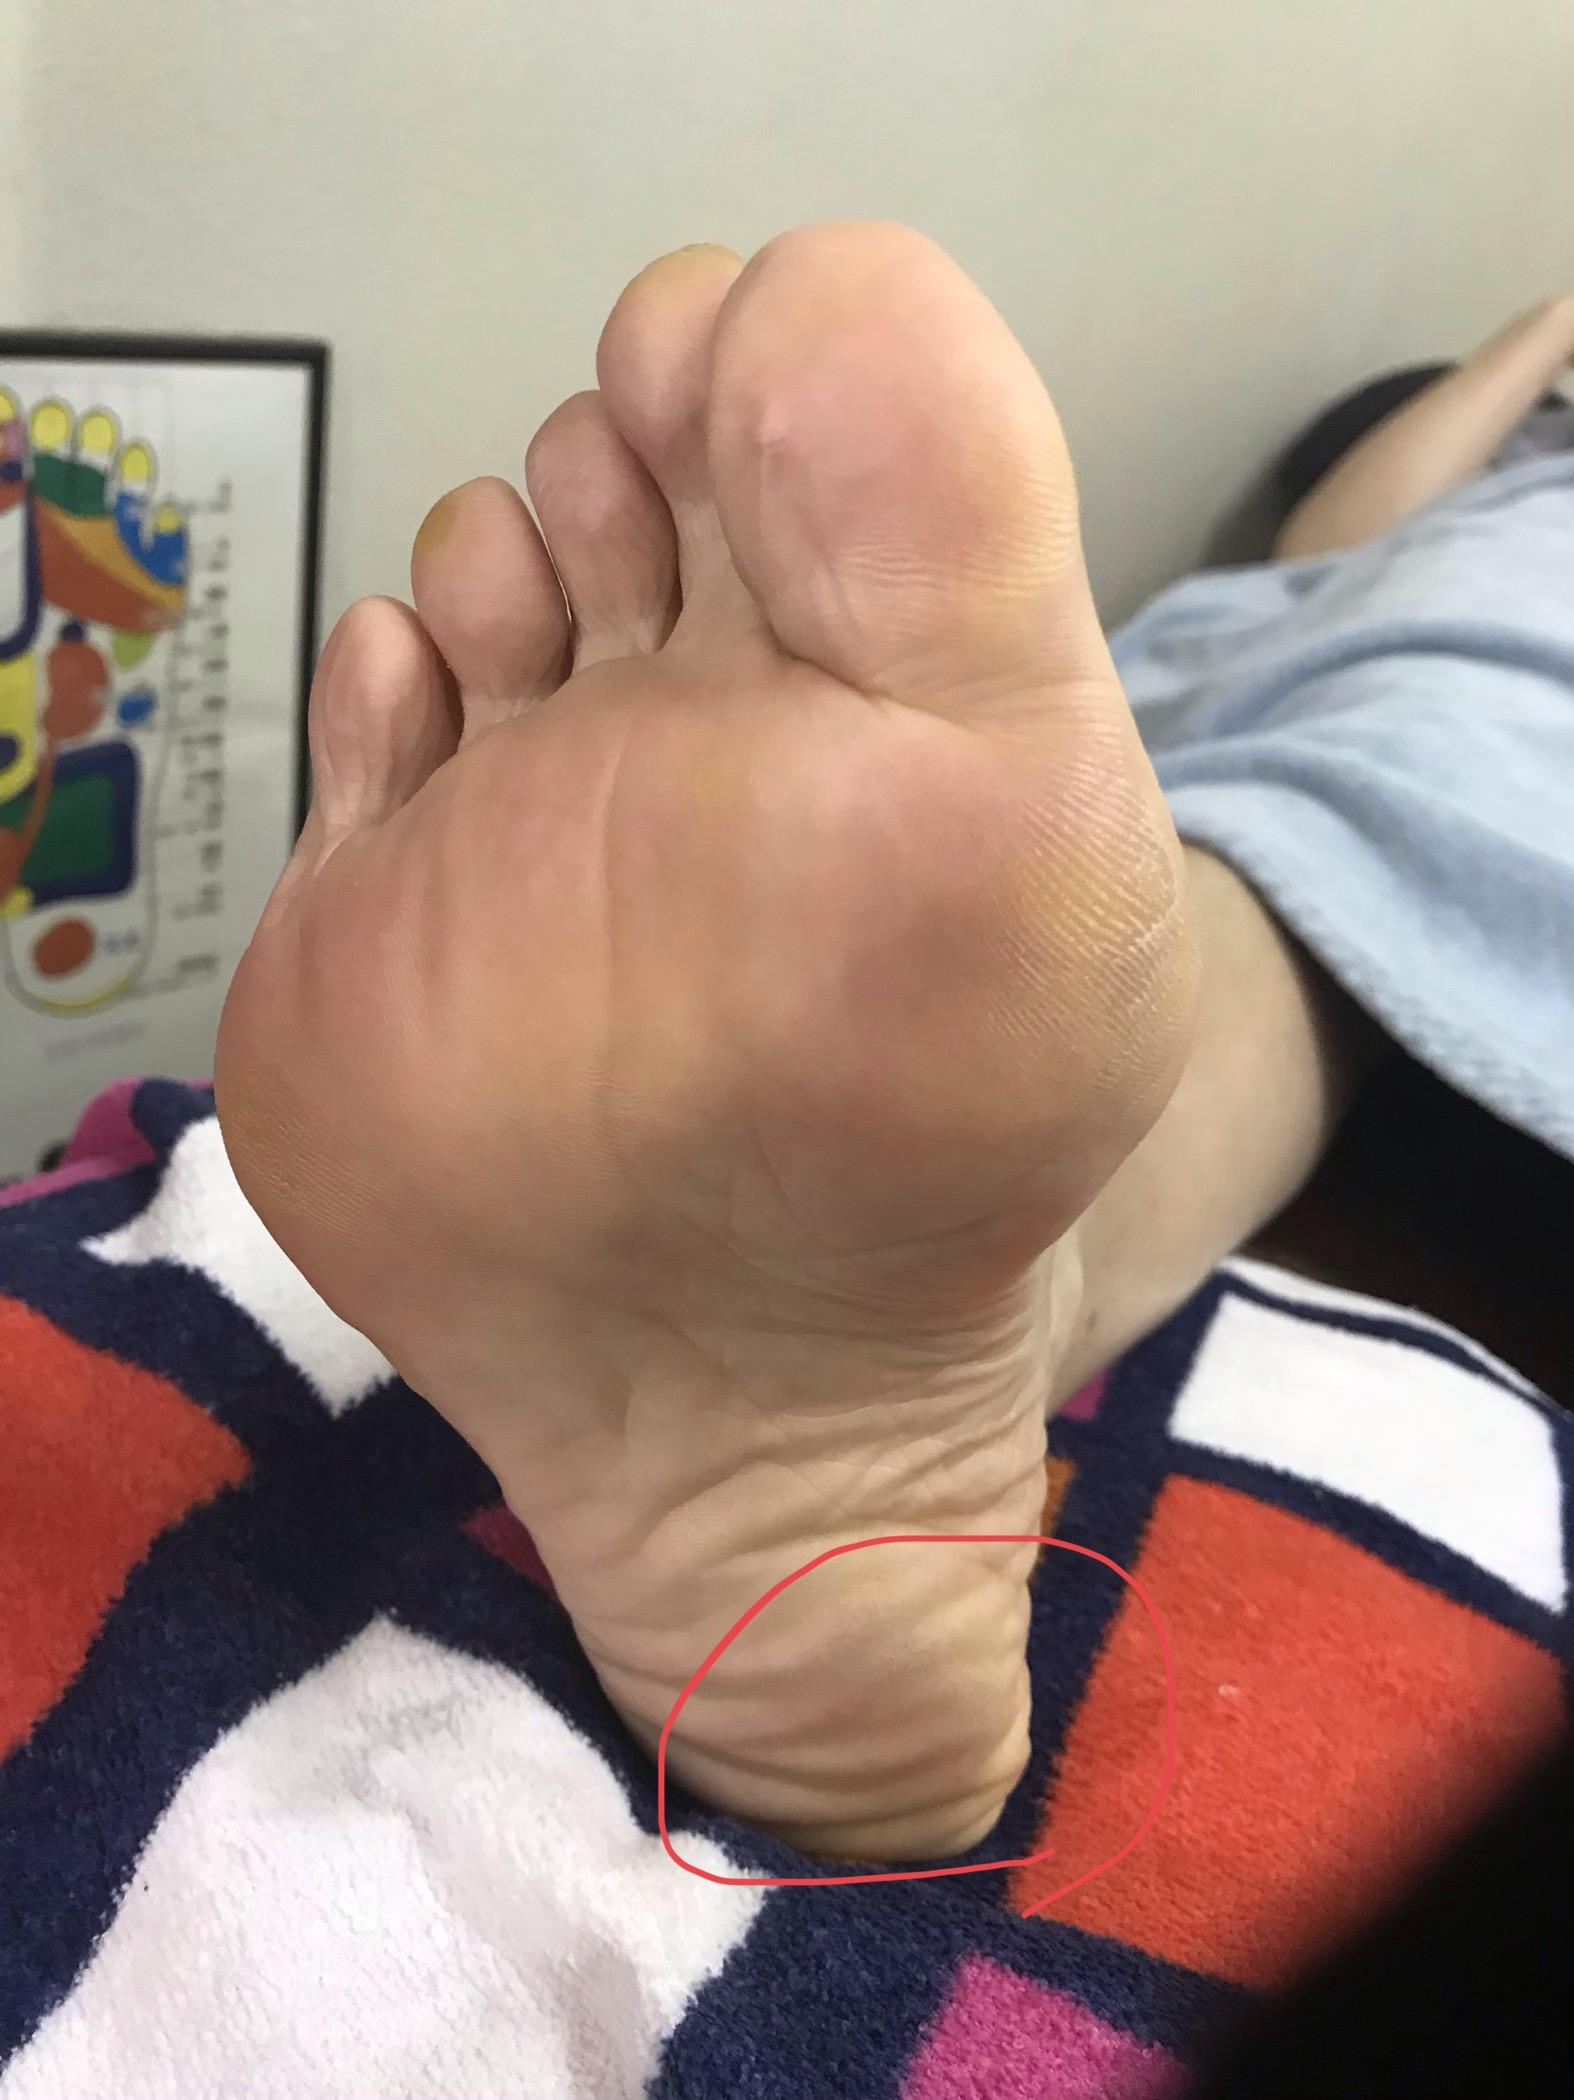 足に現れる身体のサイン…かかとに角質